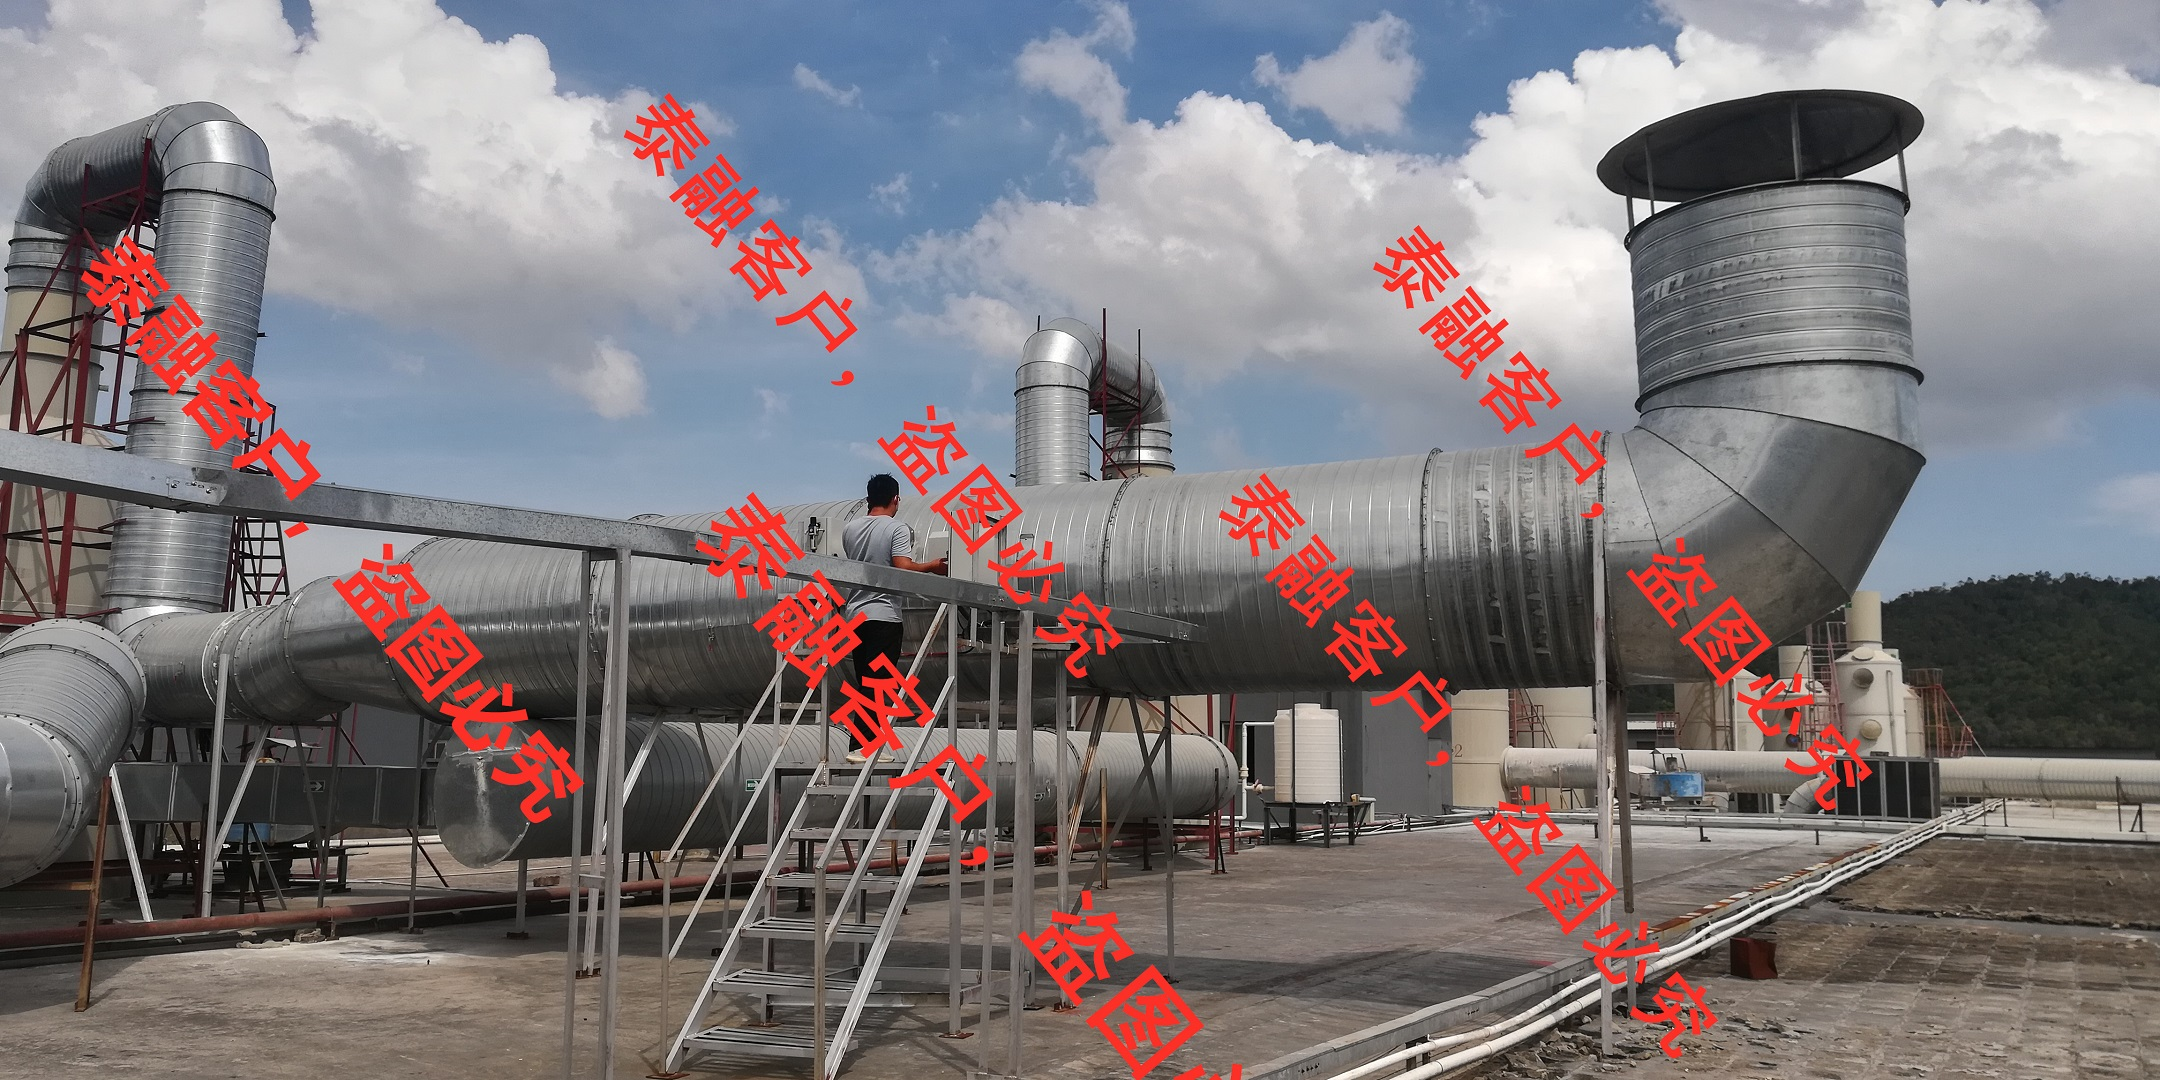 深圳市-固定污染源烟气排放连续监测系统运营服务认证